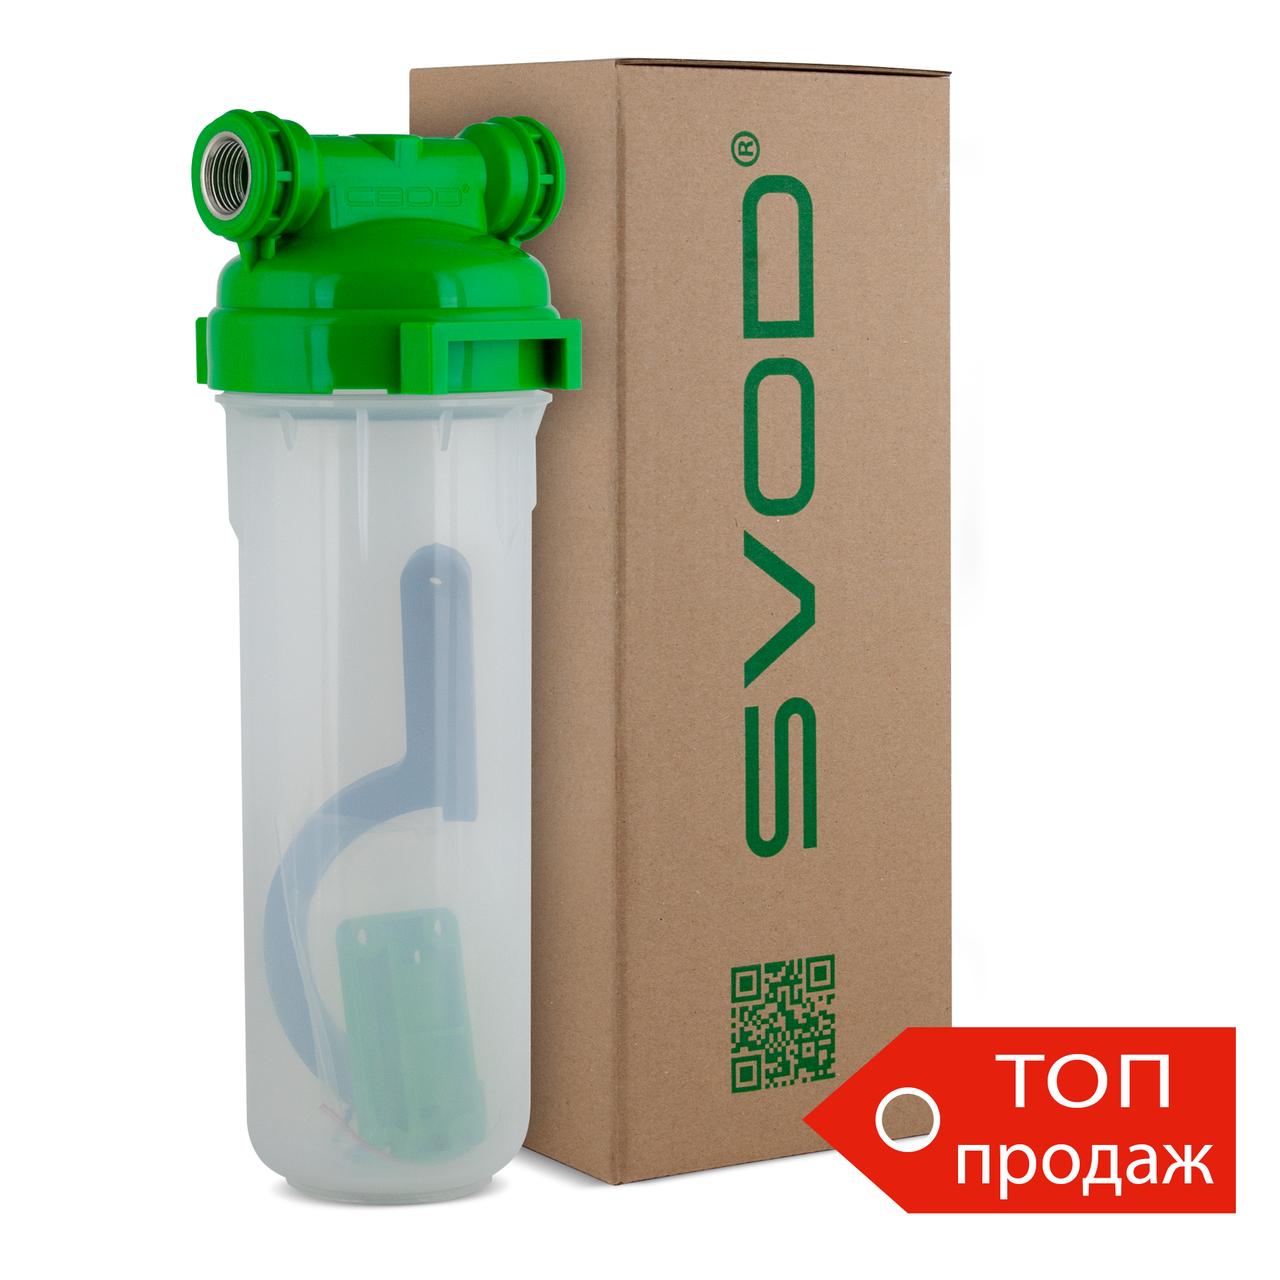 """СВОД Корпус магистрального фильтра 10"""" для холодной воды (с латунной резьбой L1/2)"""